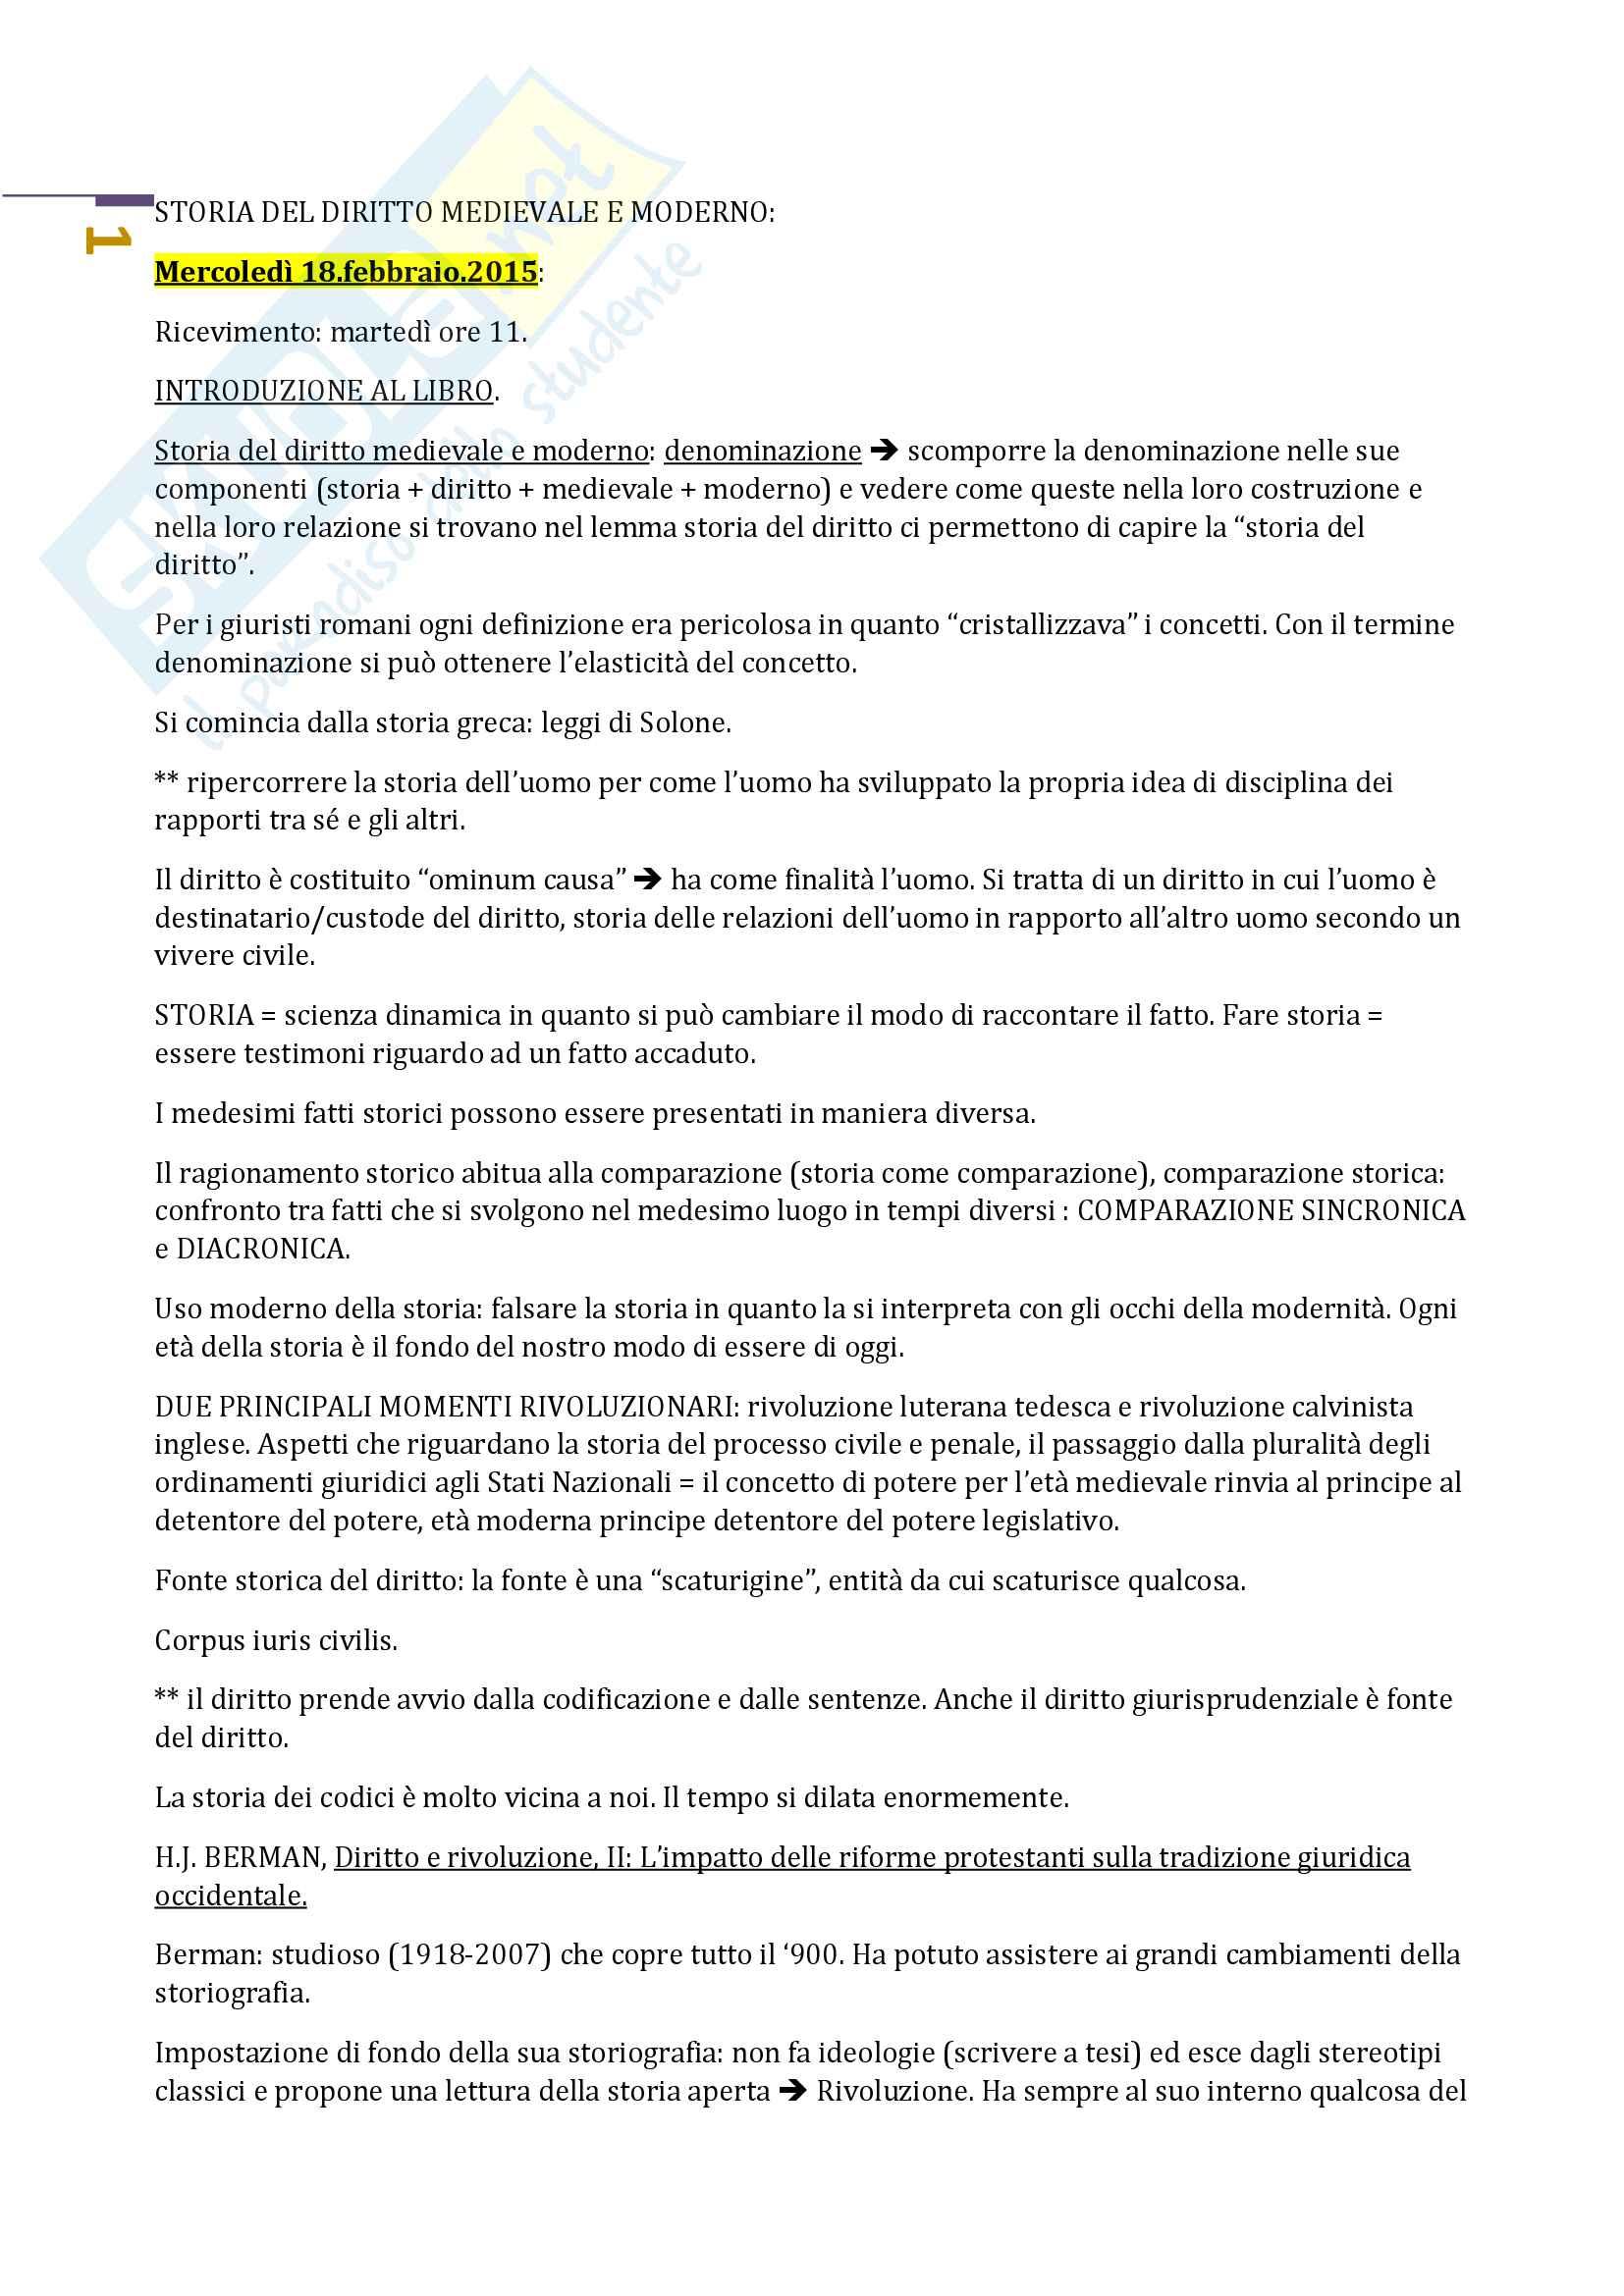 Storia del diritto medievale e moderno 1 Prof.ssa Natalini (Unitn).